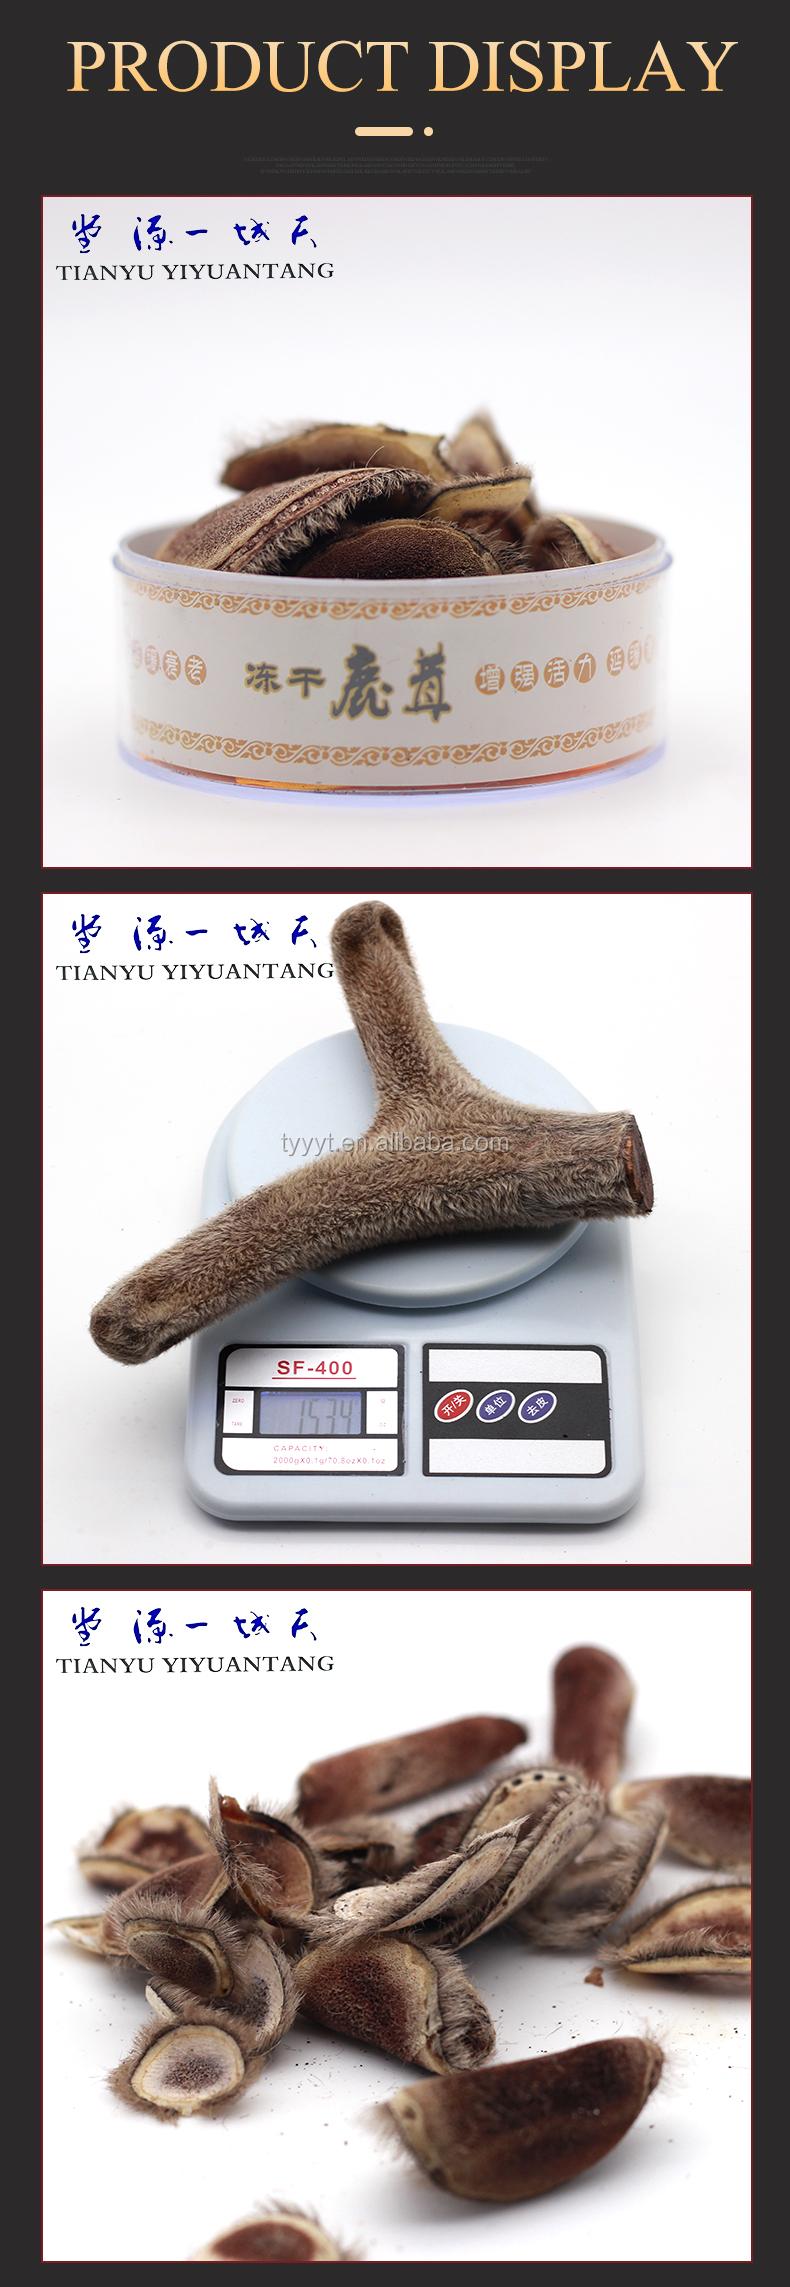 무료 배송/100g 다른 중국 의학 사슴 혈액 사슴 뿔 라운드 슬라이스 의료 제품